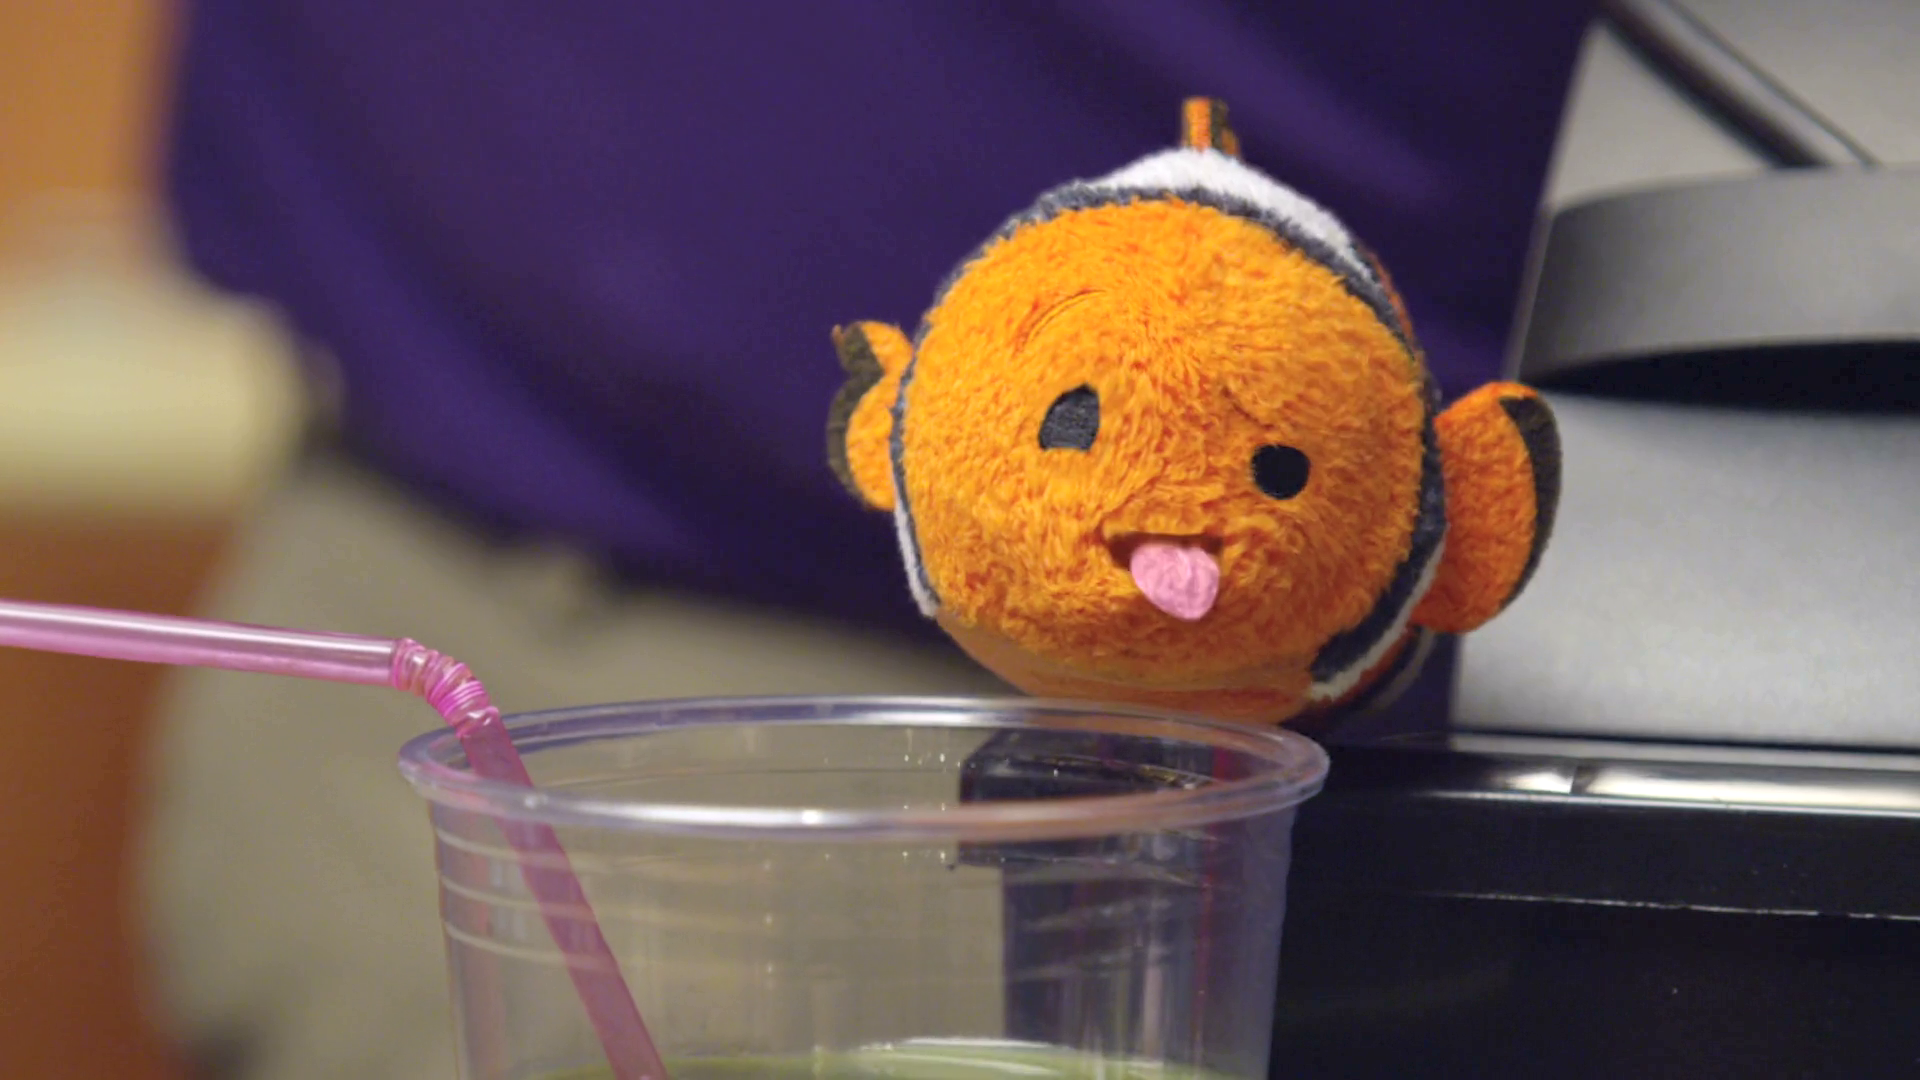 Nemo Plush Breaks Loose | Ep. 2 | Tsum Tsum Kingdom